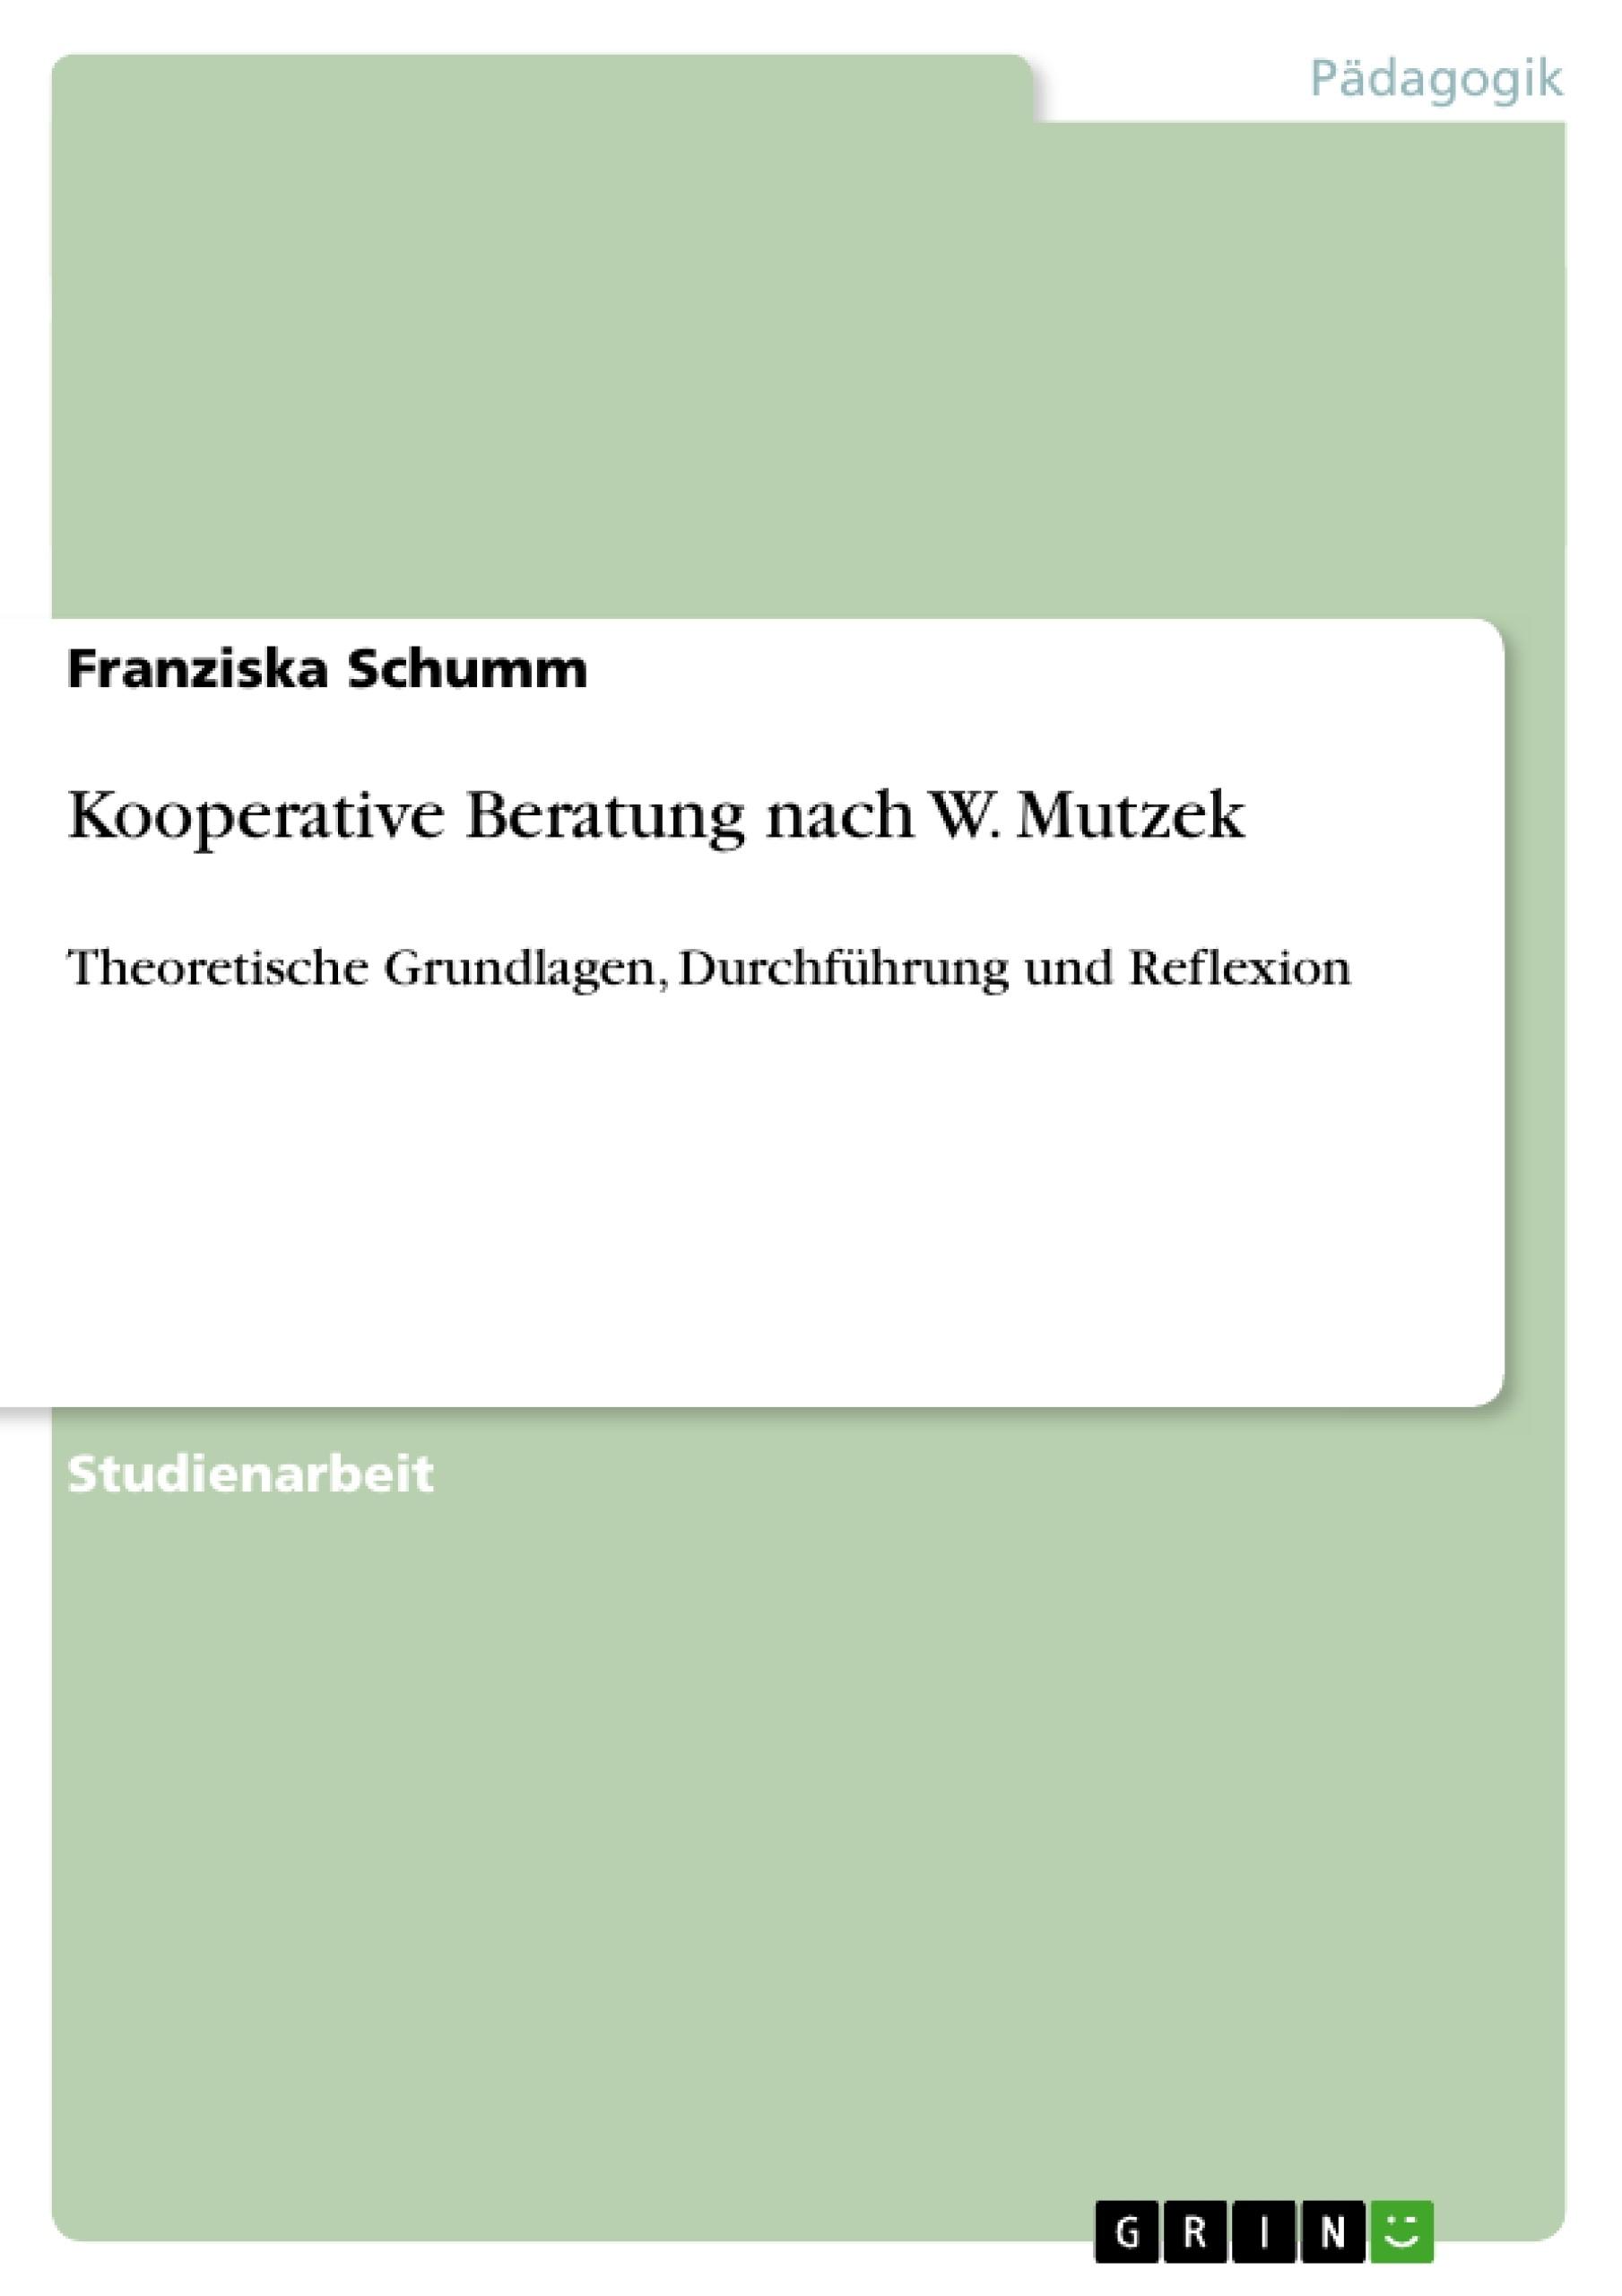 Titel: Kooperative Beratung nach W. Mutzek